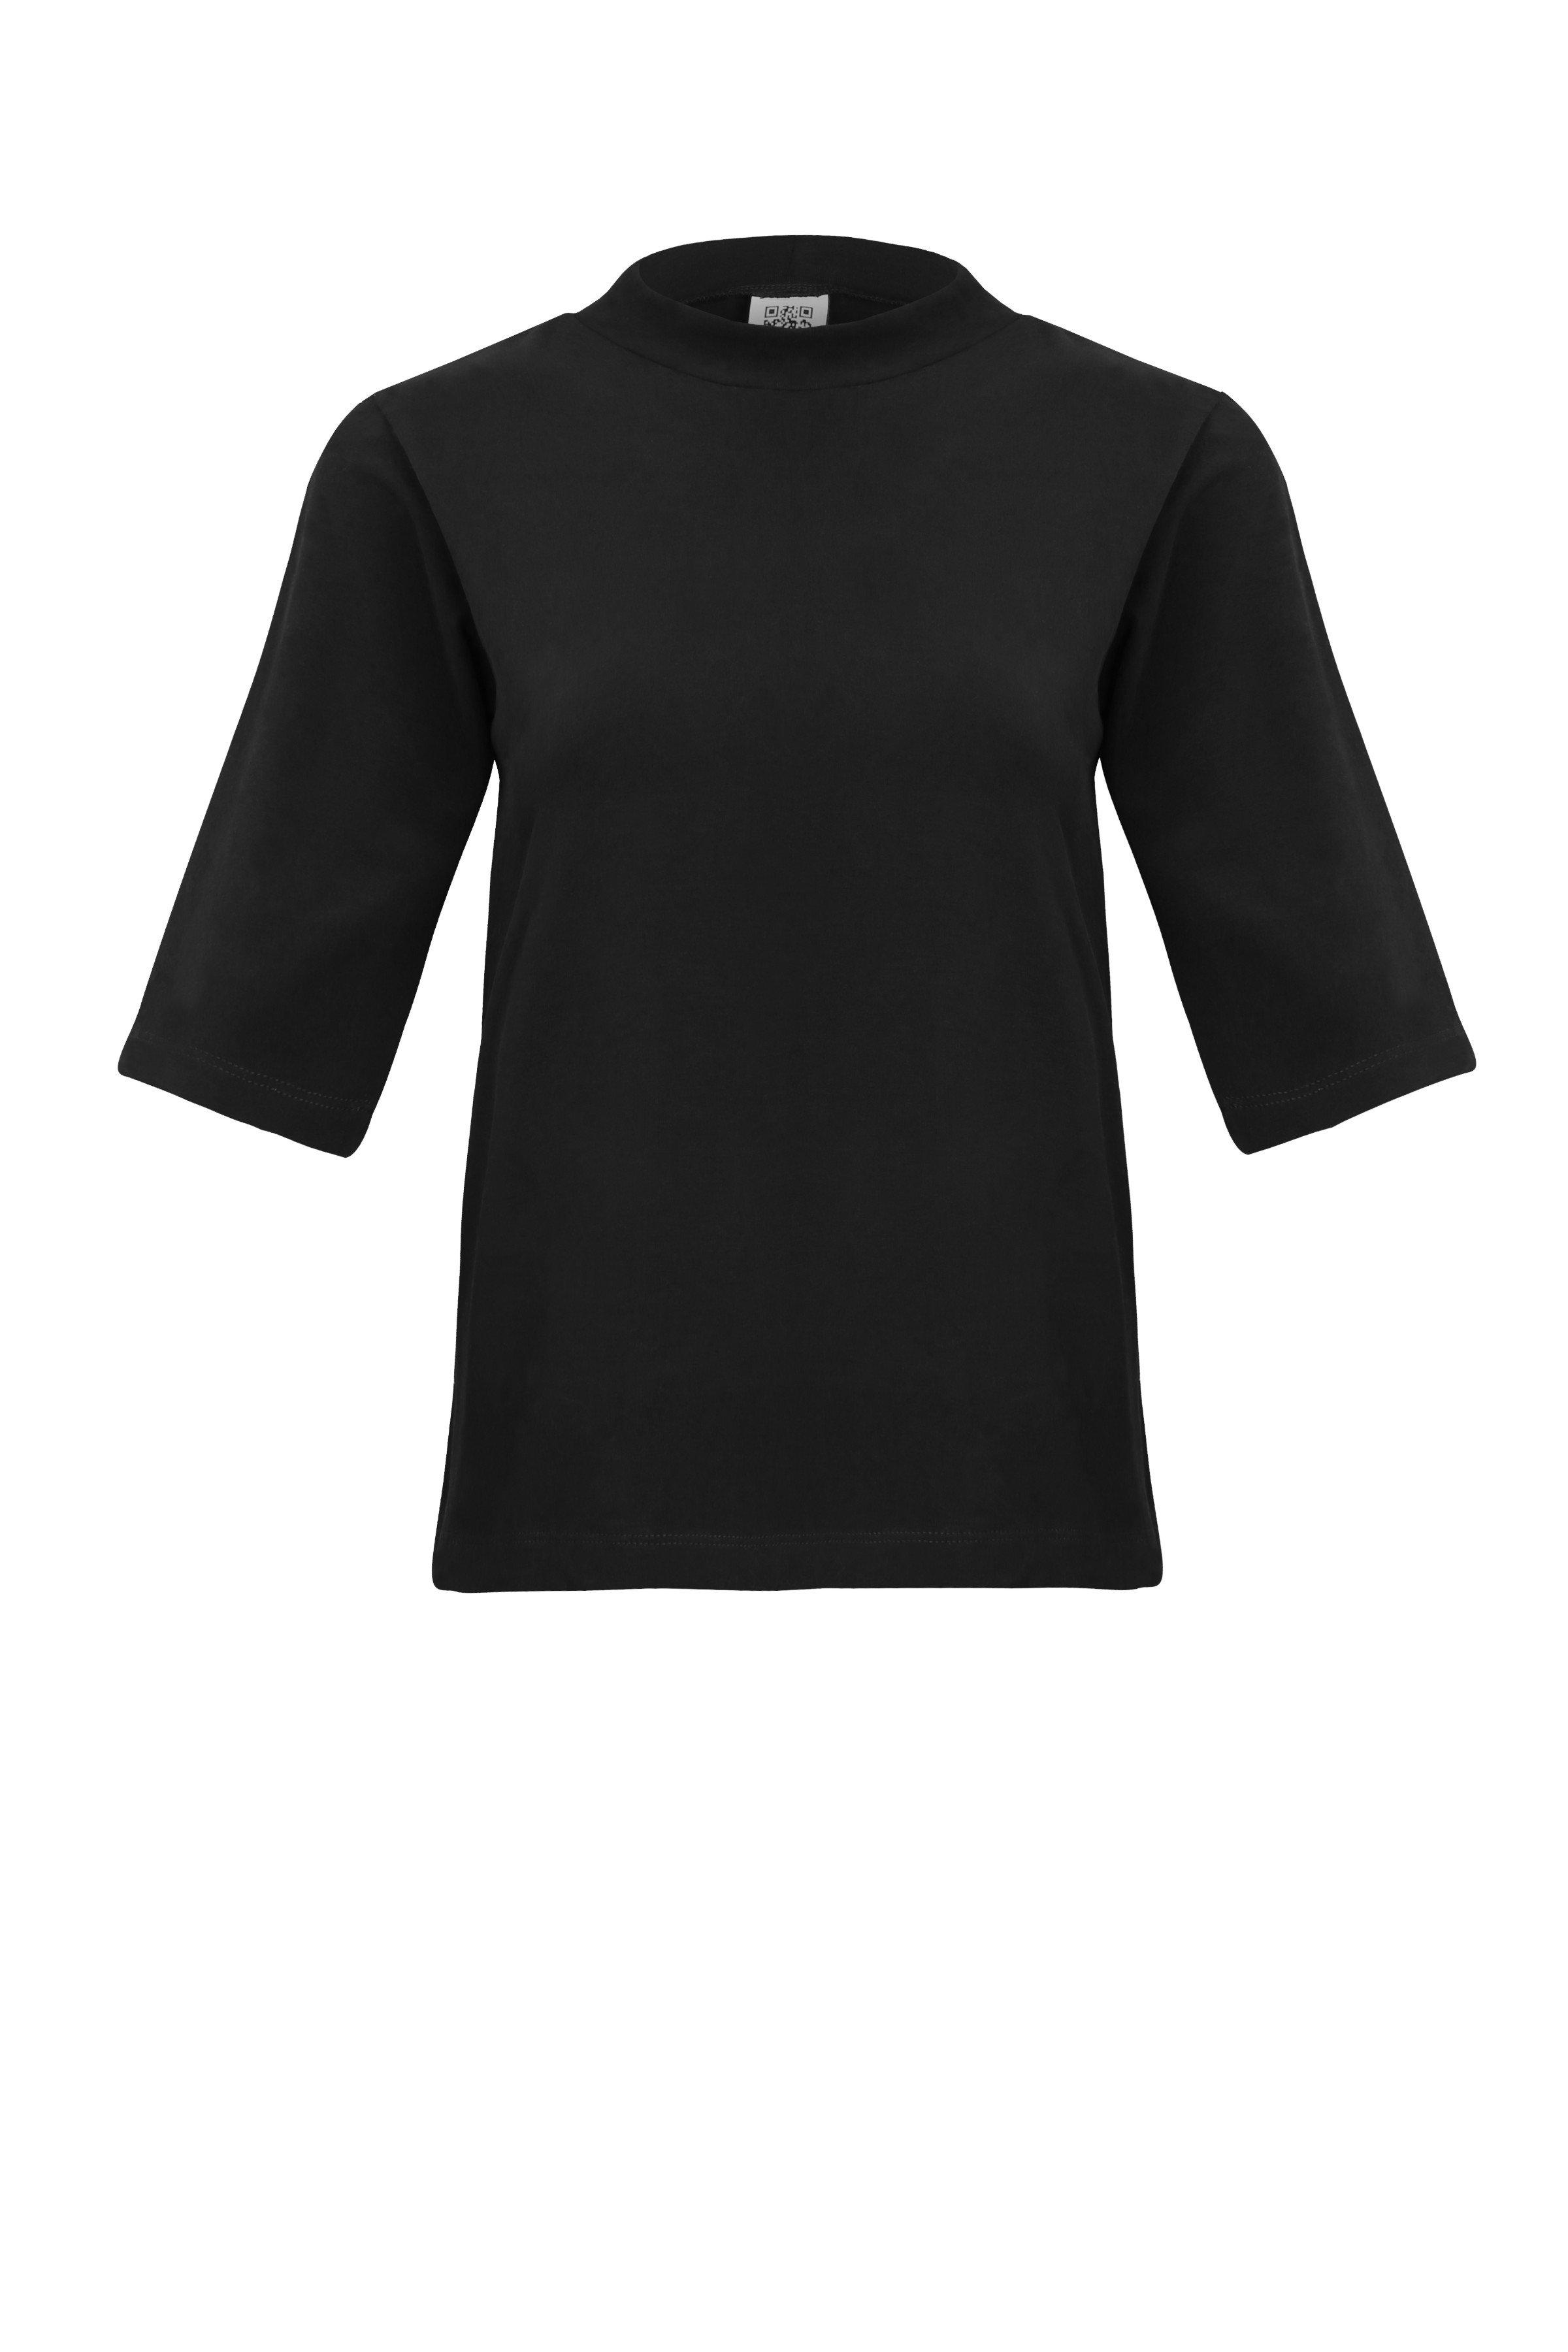 T-Shirt Nina Rib from LOVECO